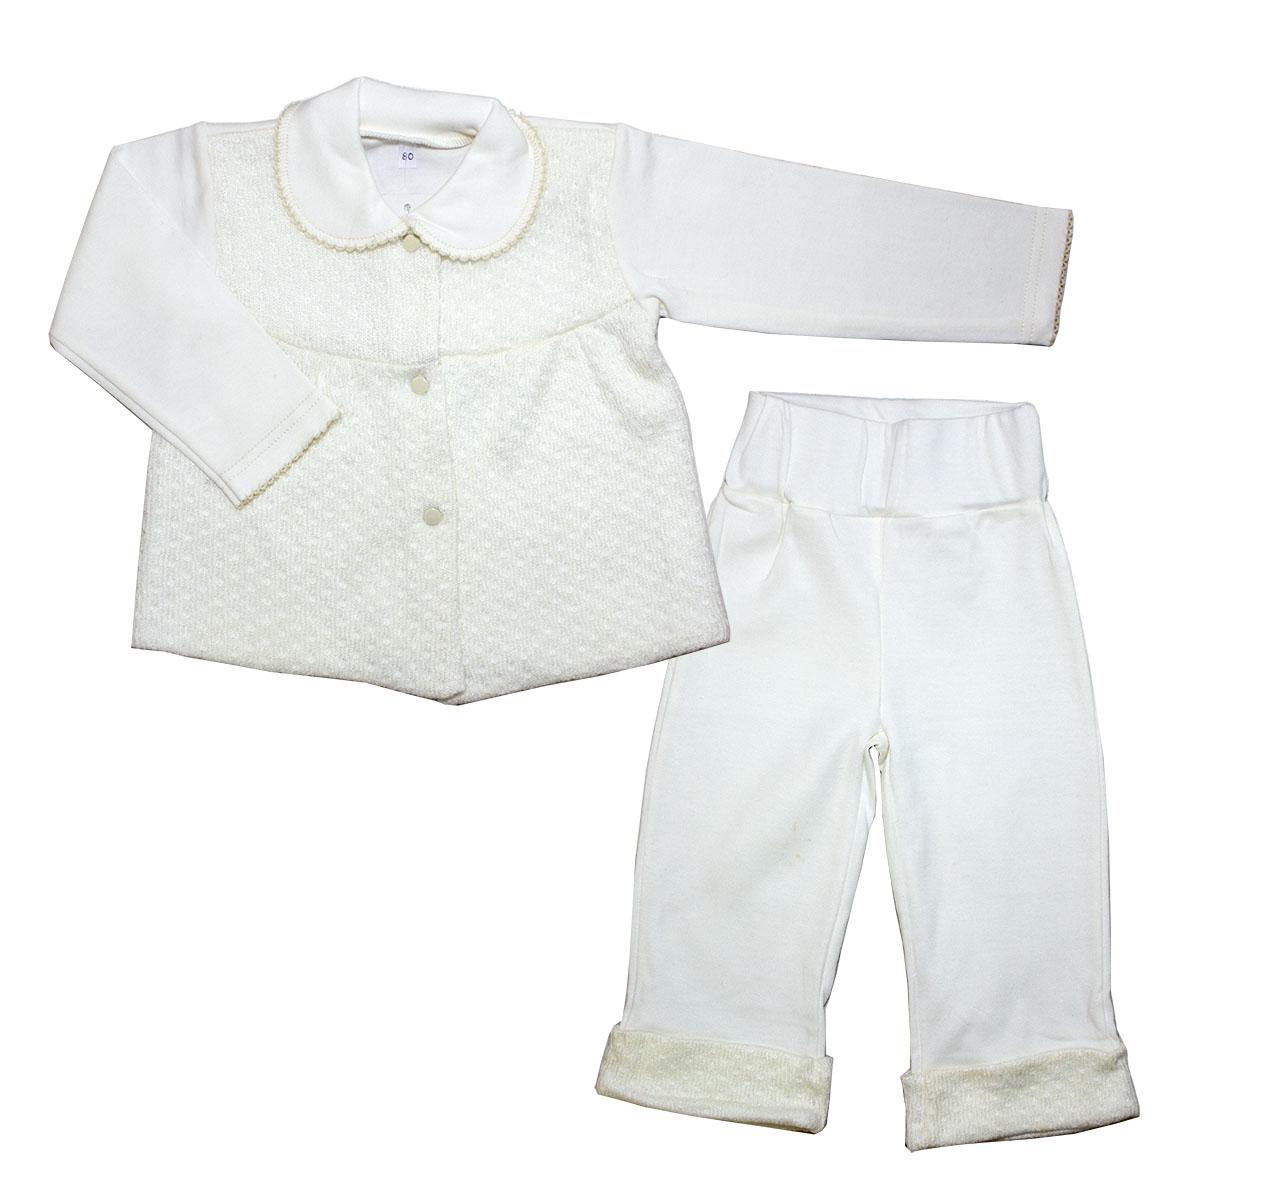 Комплект одежды Осьминожка для девочки бежевый р.92